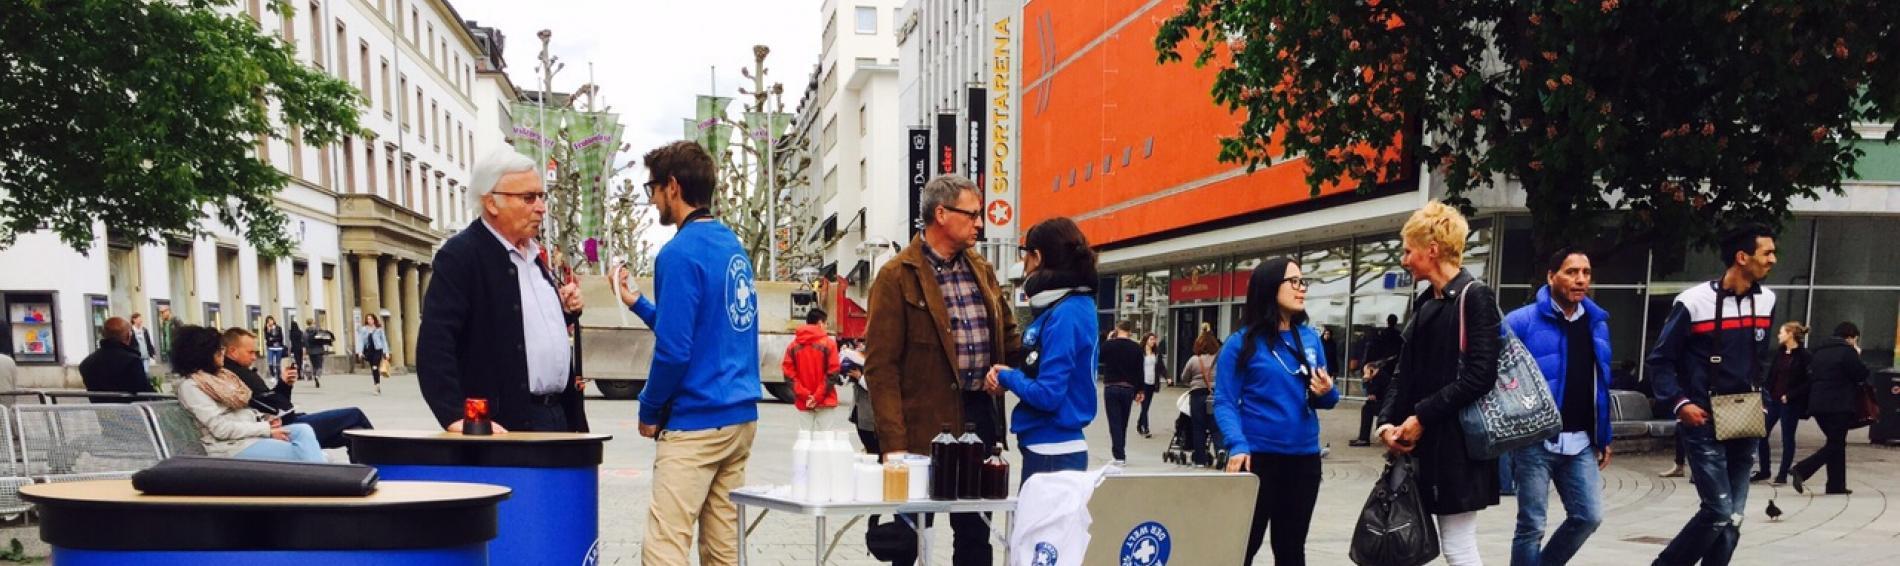 Mit Aktionen auf der Straße macht  Ärzte der Welt auf seine Arbeit aufmerksam und rekrutiert neue Unterstützer-/innen. Foto: Pepperminds